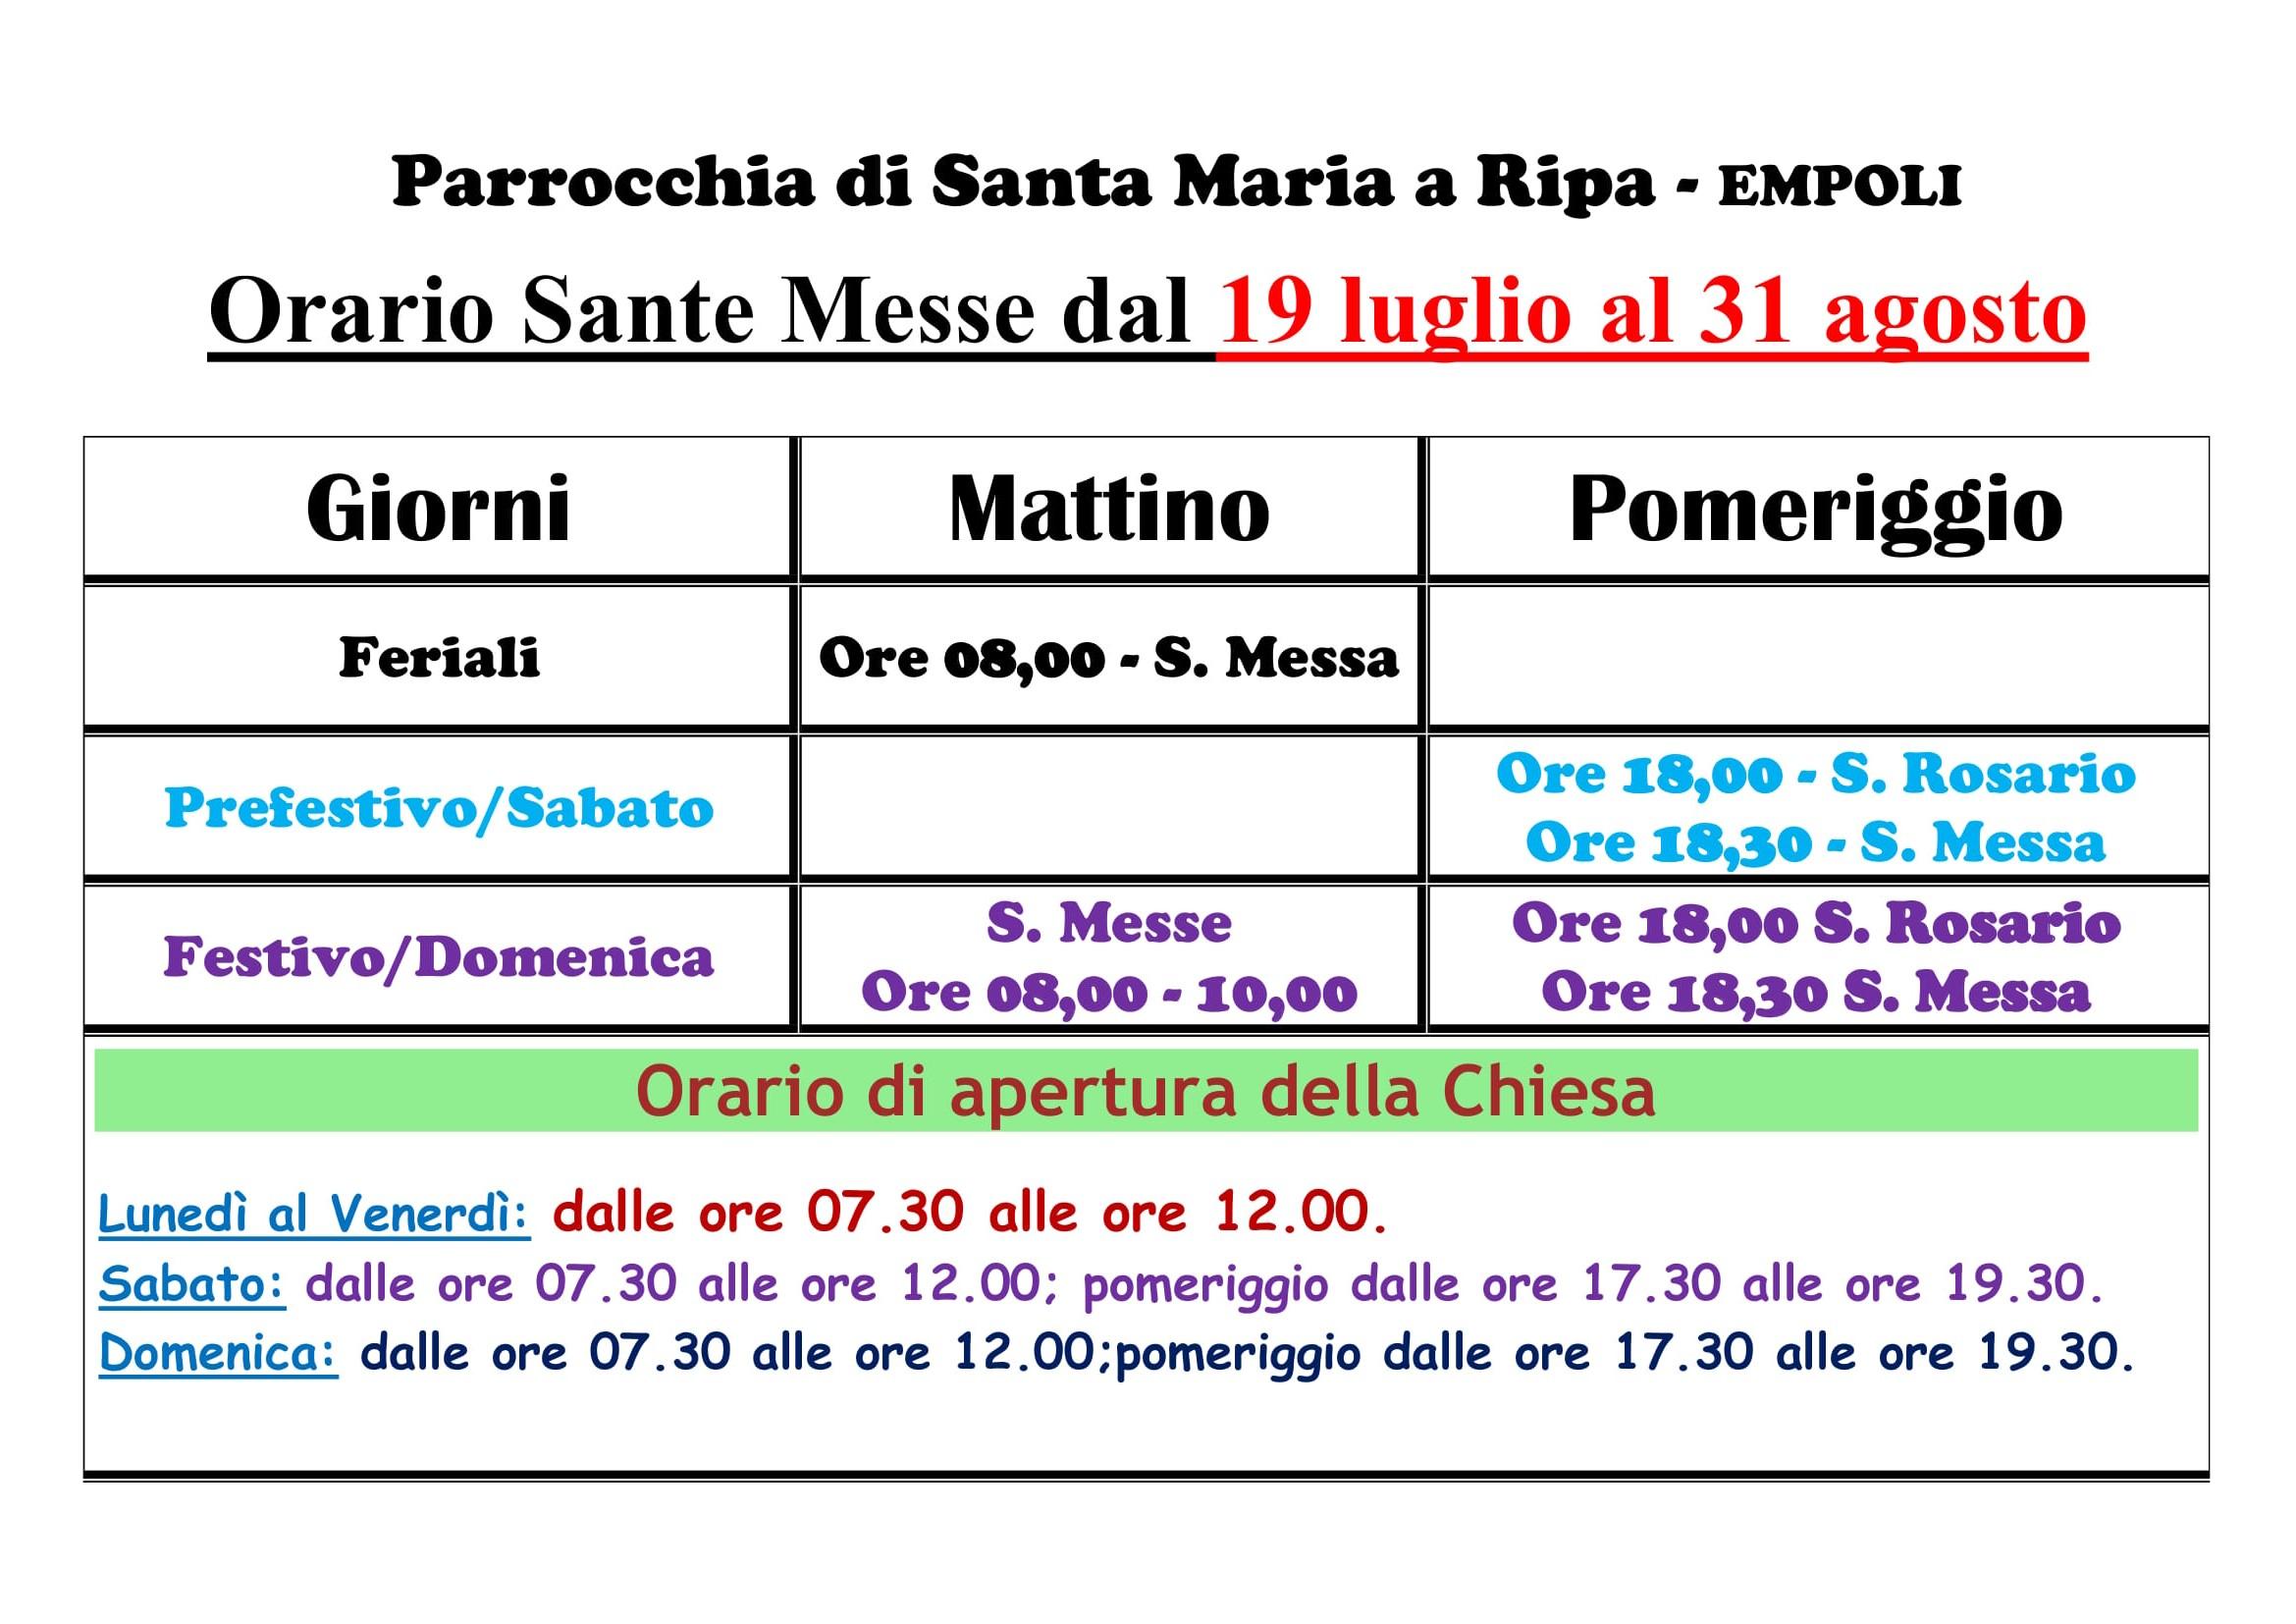 Orario Estivo Sante Messe dal 19 Luglio al 31 Agosto-1